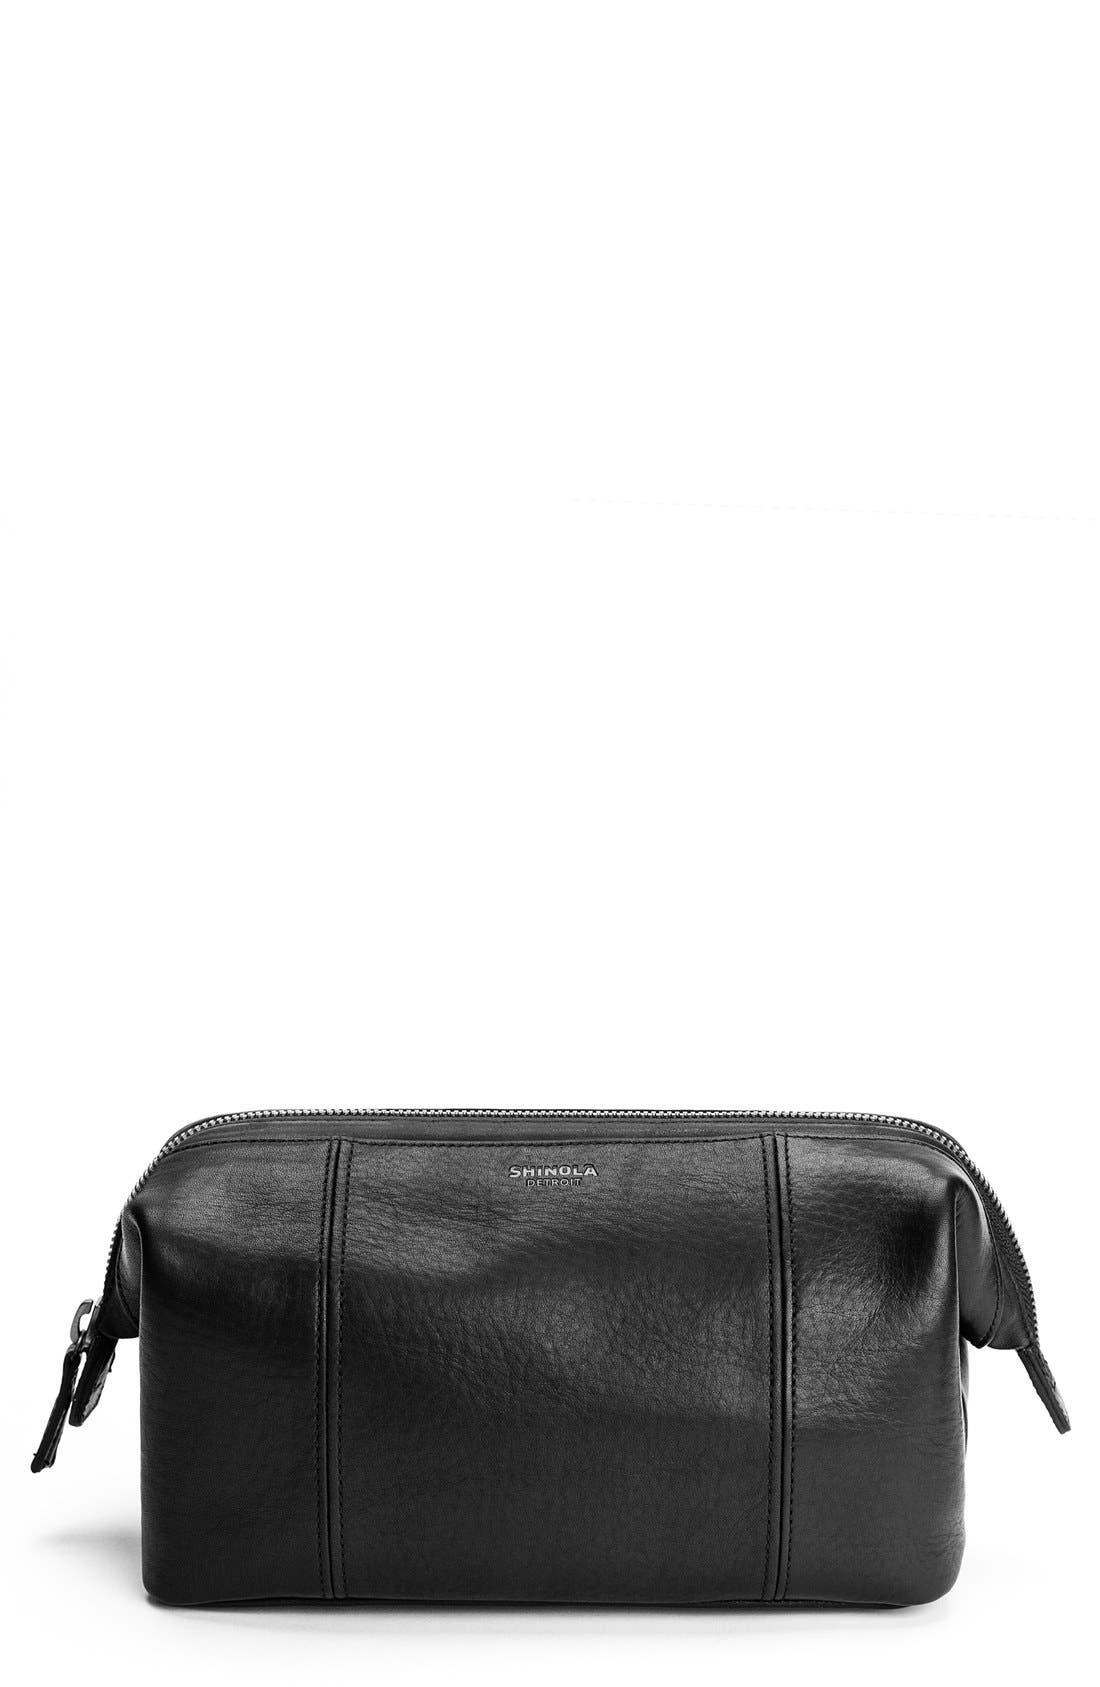 Leather Travel Kit,                             Main thumbnail 1, color,                             001